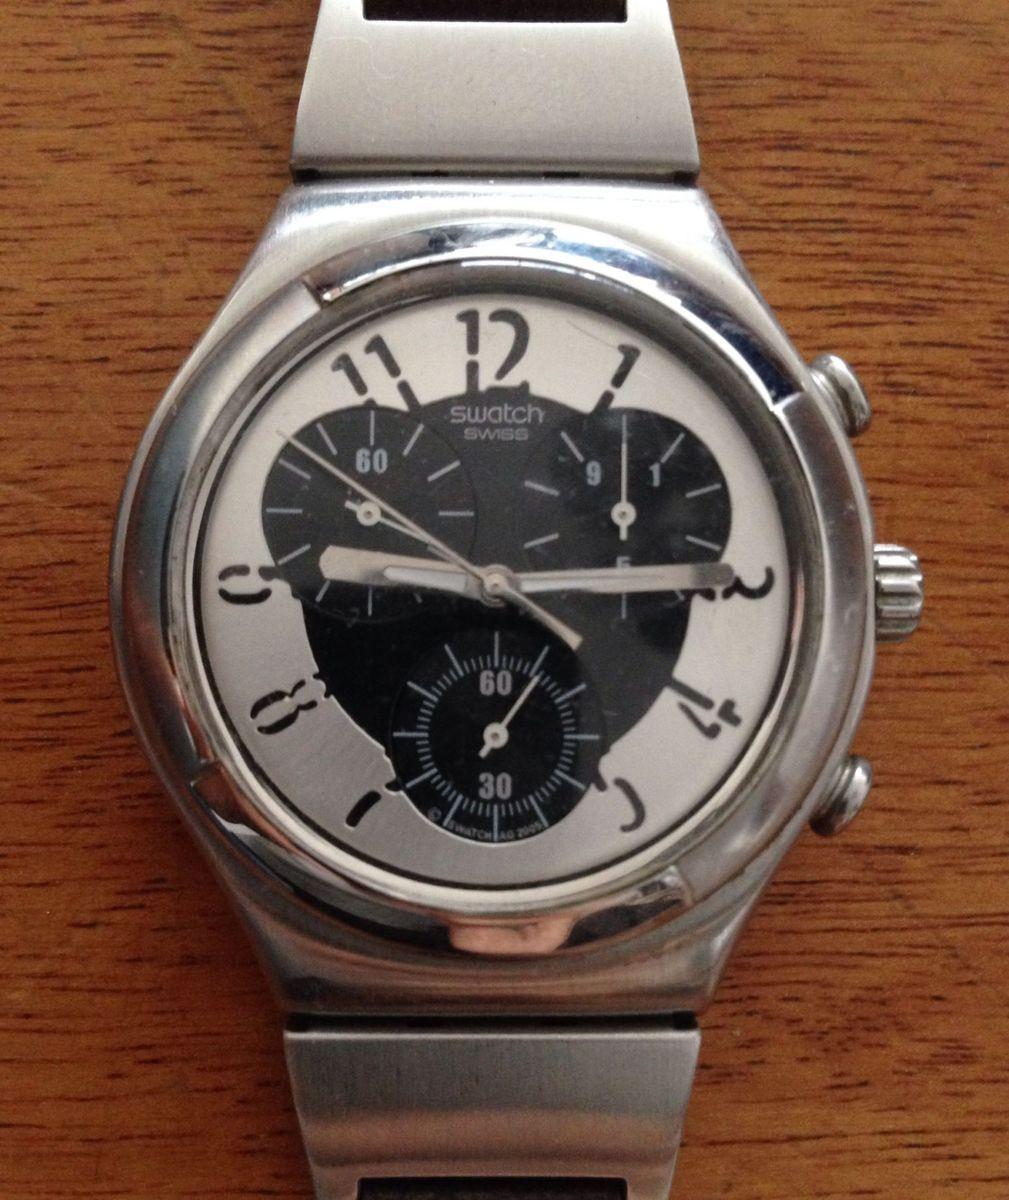 e5da55c0edf swatch irony couro marrom - relógios swatch.  Czm6ly9wag90b3muzw5qb2vplmnvbs5ici9wcm9kdwn0cy84mzu2ndivmgy4zdnlodu2mtllzjkxntawmzeyzdljogqwzjdjnjguanbn  ...